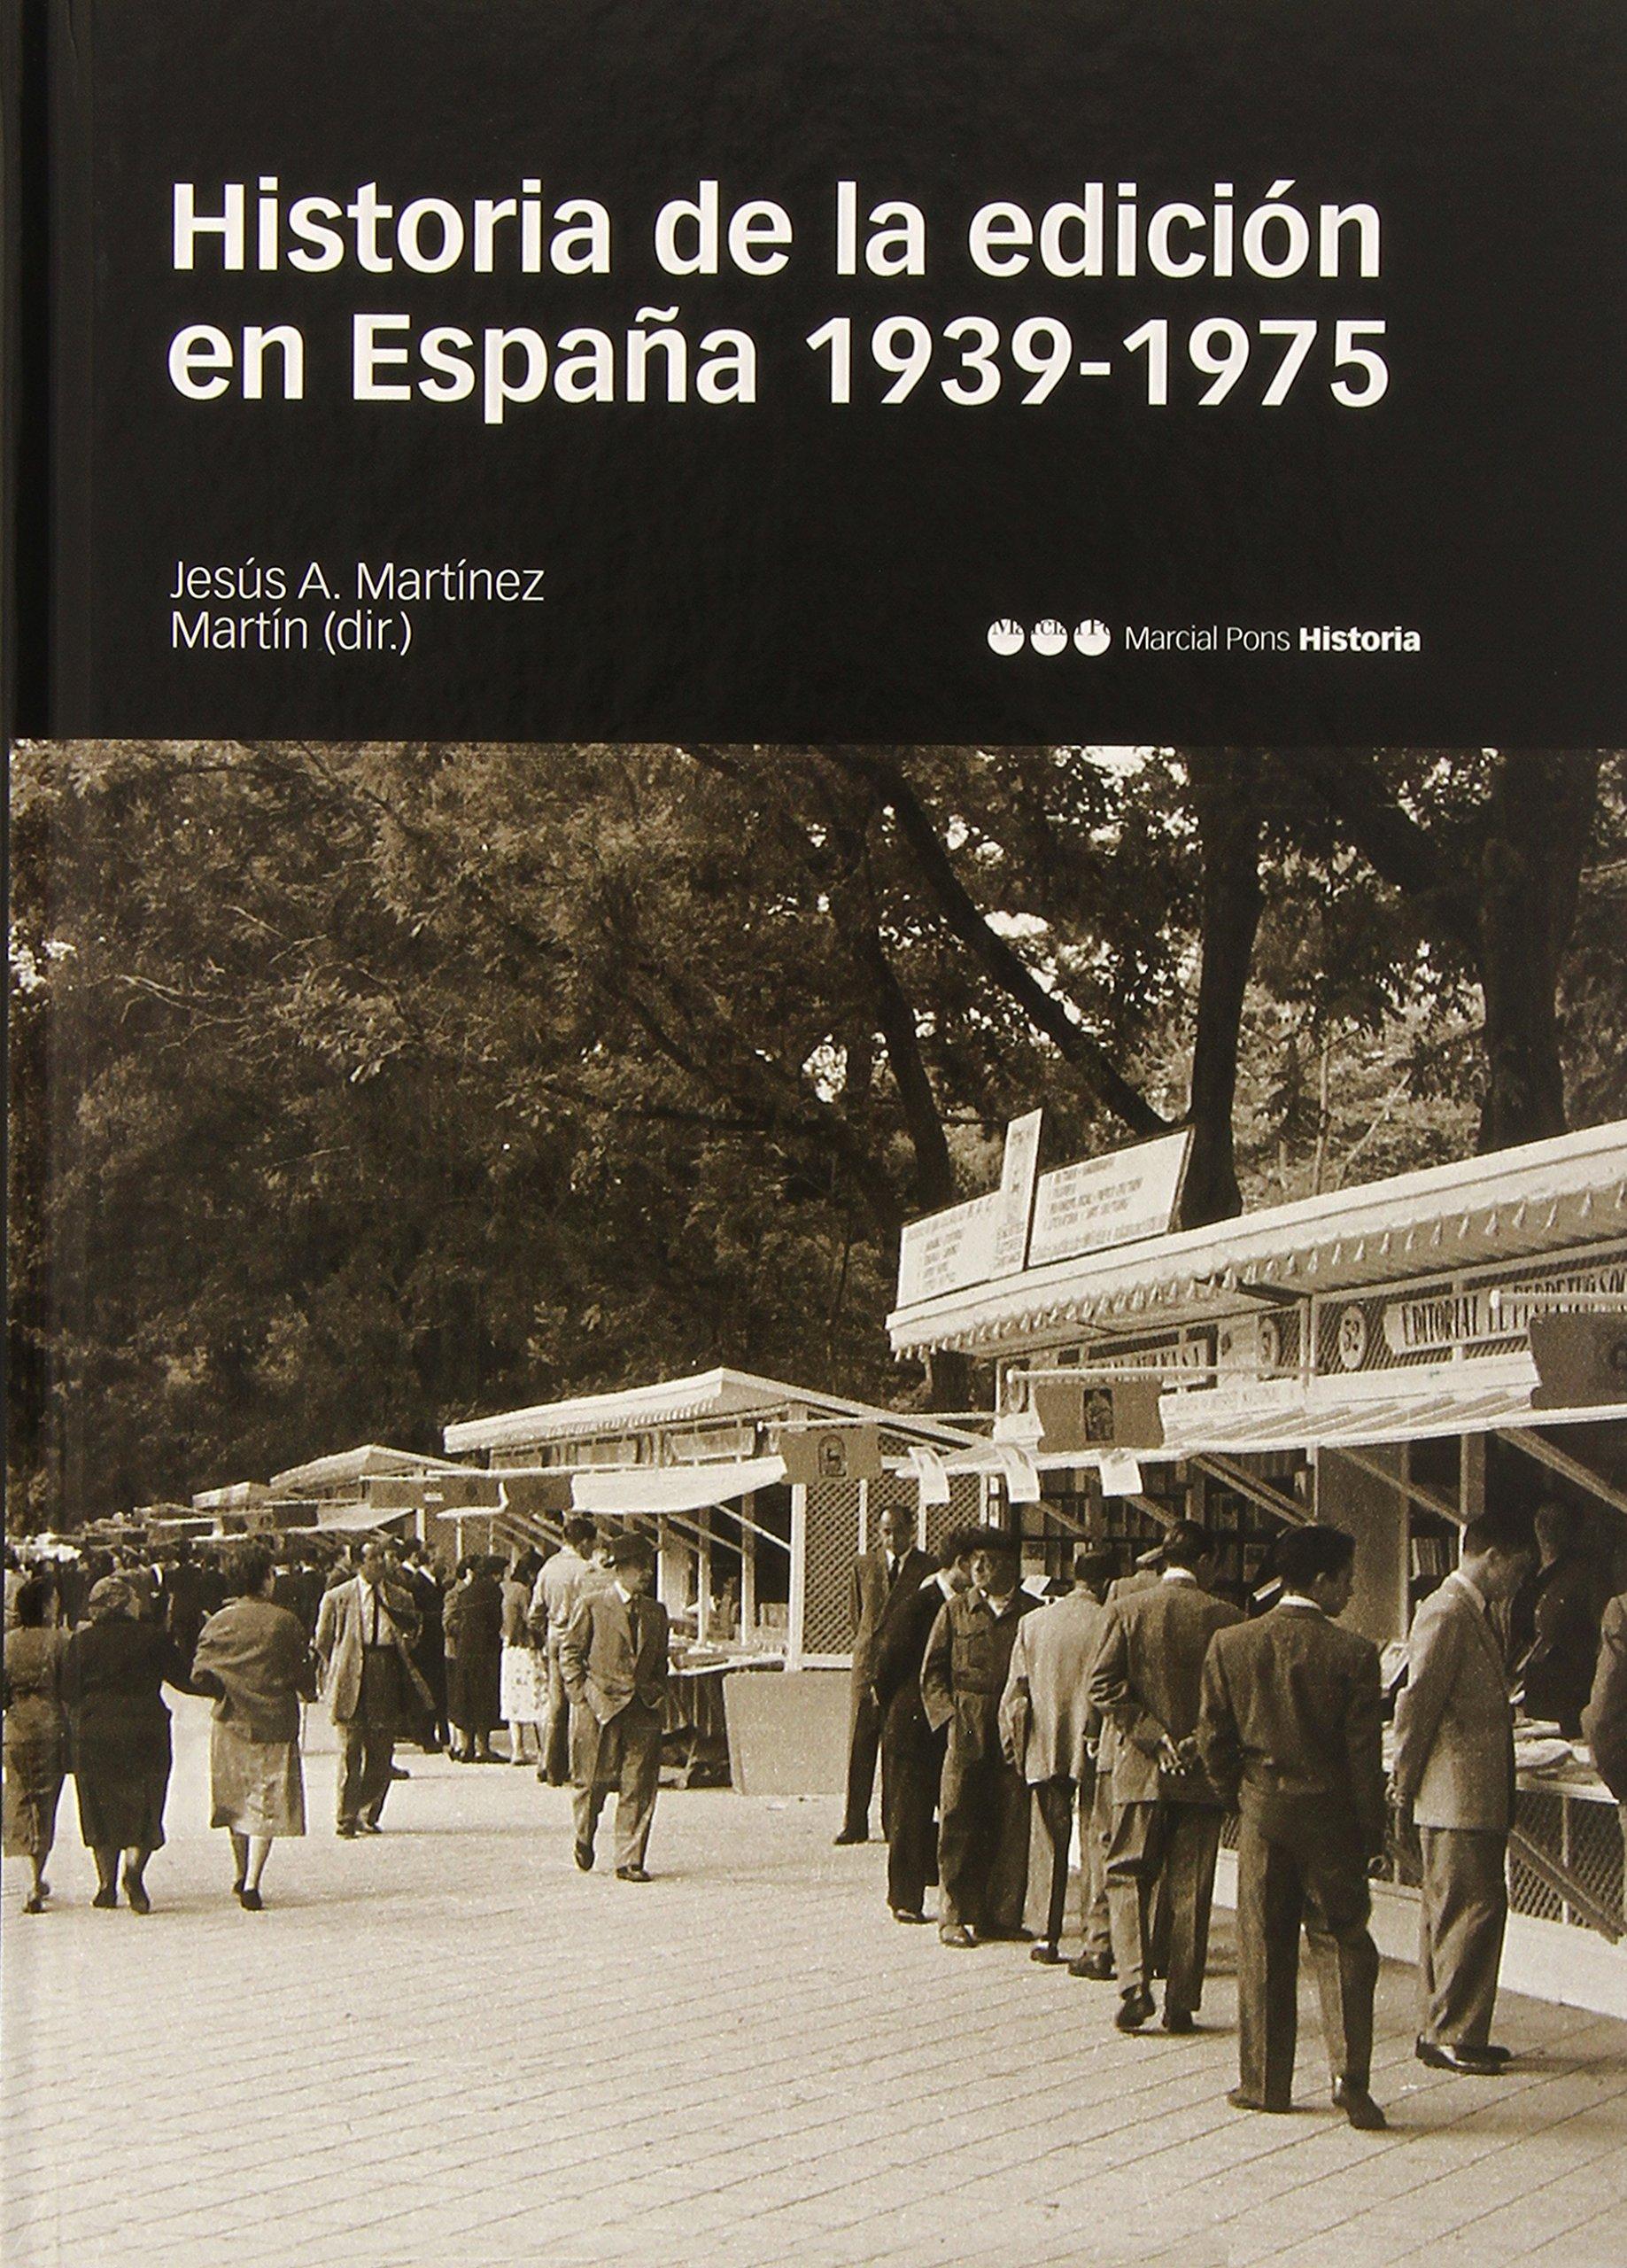 HISTORIA DE LA EDICIÓN EN ESPAÑA 1939-1975 Historia m.Pons: Amazon.es: Martínez Martín, Jesús Antonio: Libros